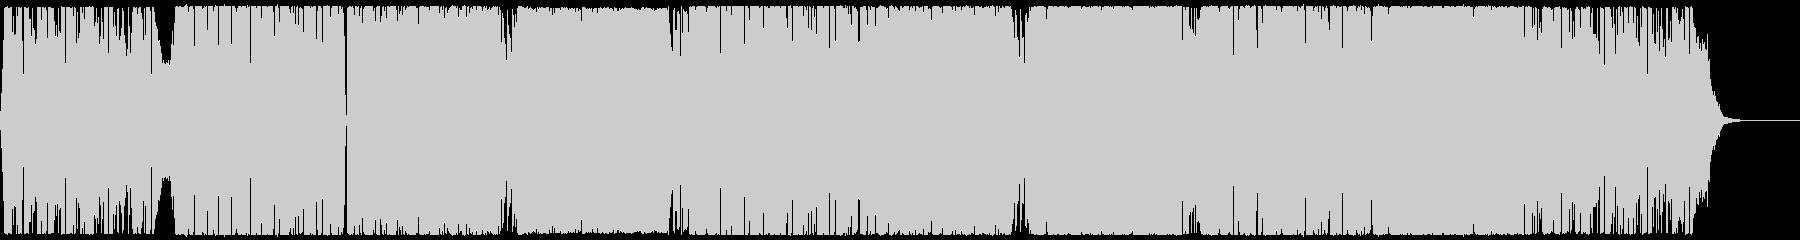 軽快で晴れやかなEDMハウス CM・映像の未再生の波形